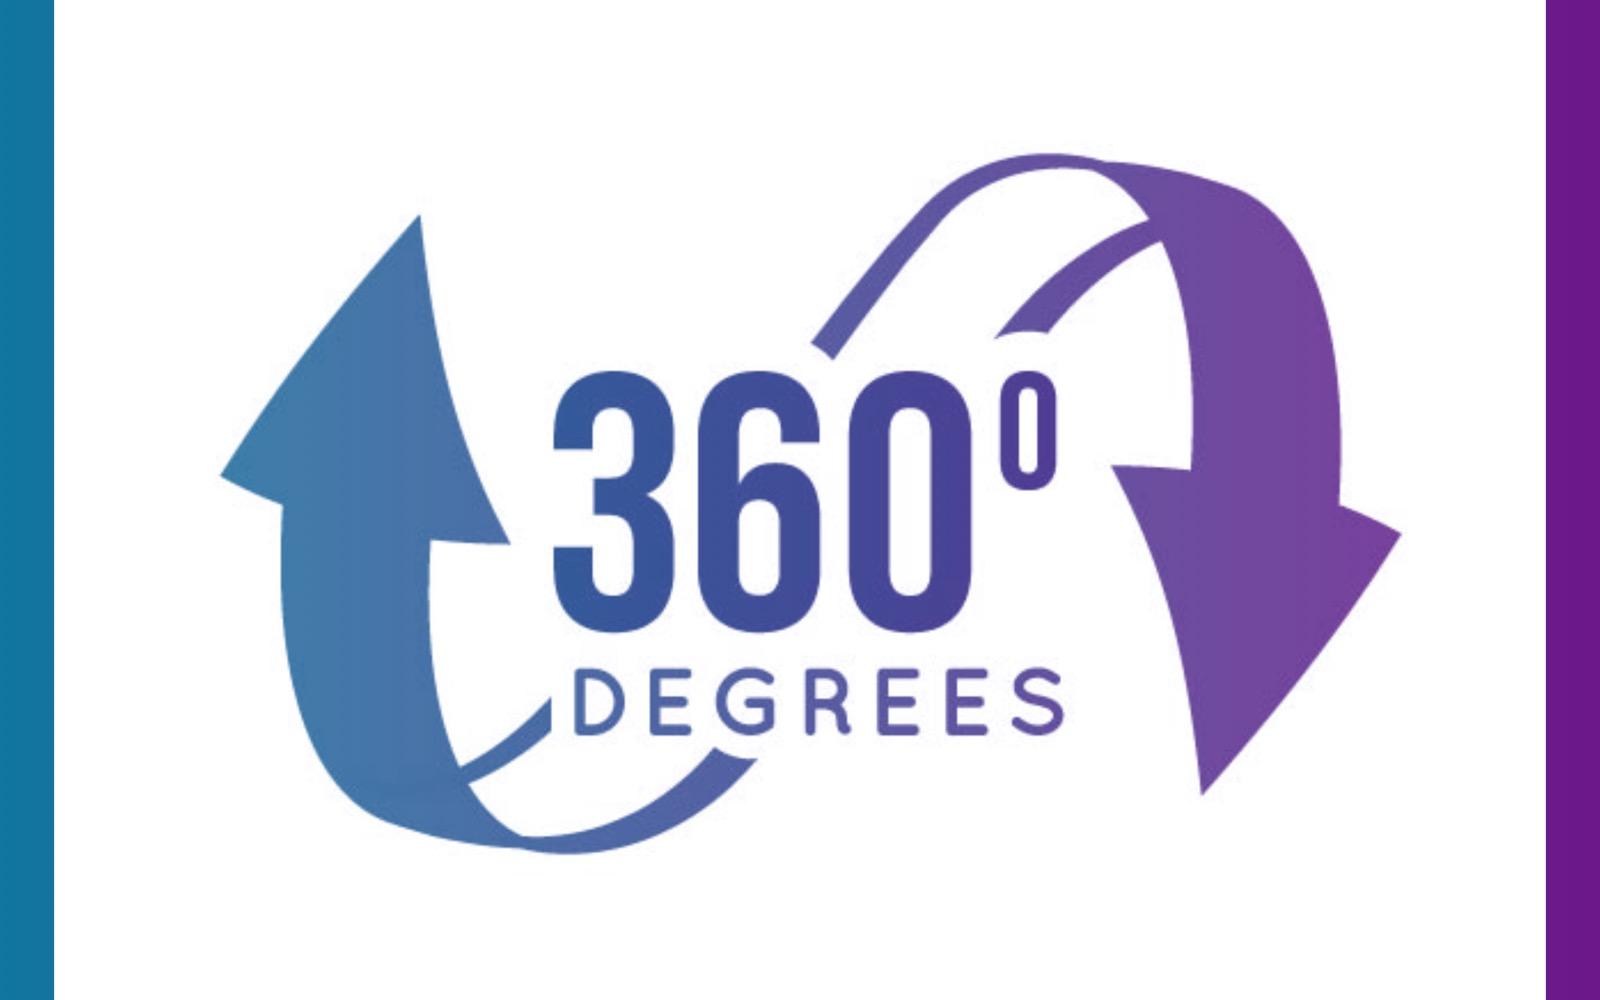 360 Virtual Visit